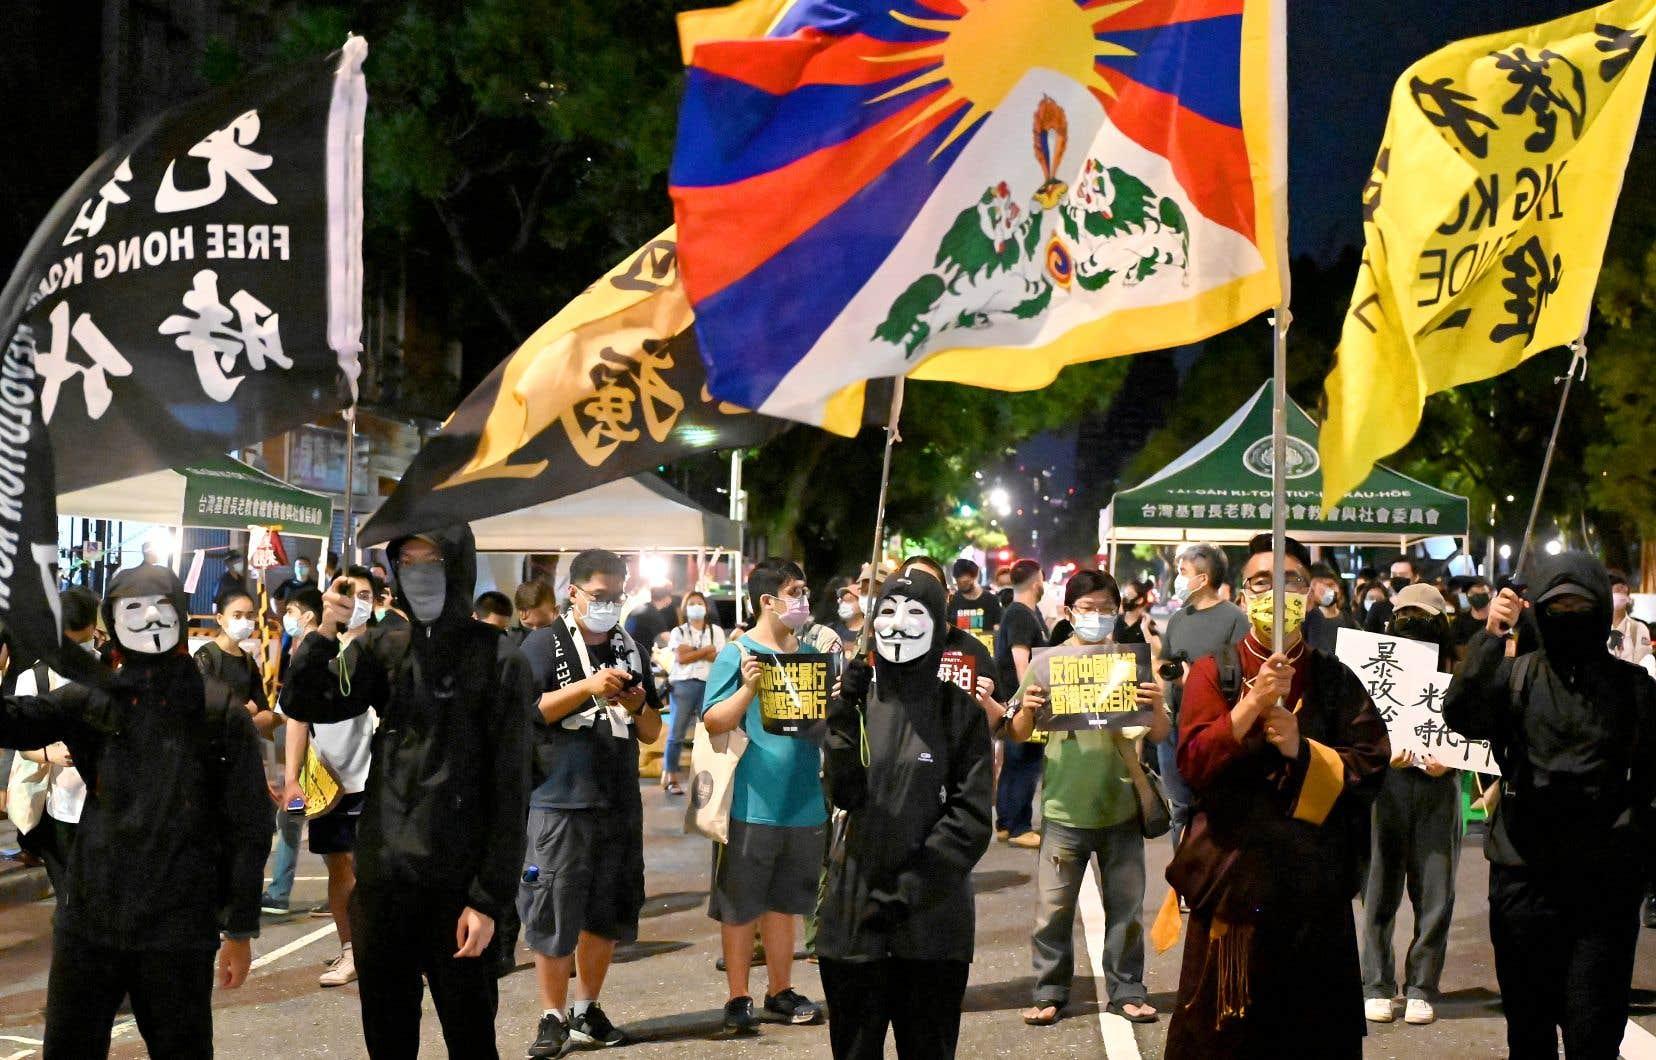 La Chine communiste considère Taiwan comme une de ses provinces, menaçant régulièrement de recourir à la force en cas de proclamation formelle d'indépendance de la part de l'île, où des manifestations anti-Chine en soutien à Hong-Kong continuent d'avoir lieu.